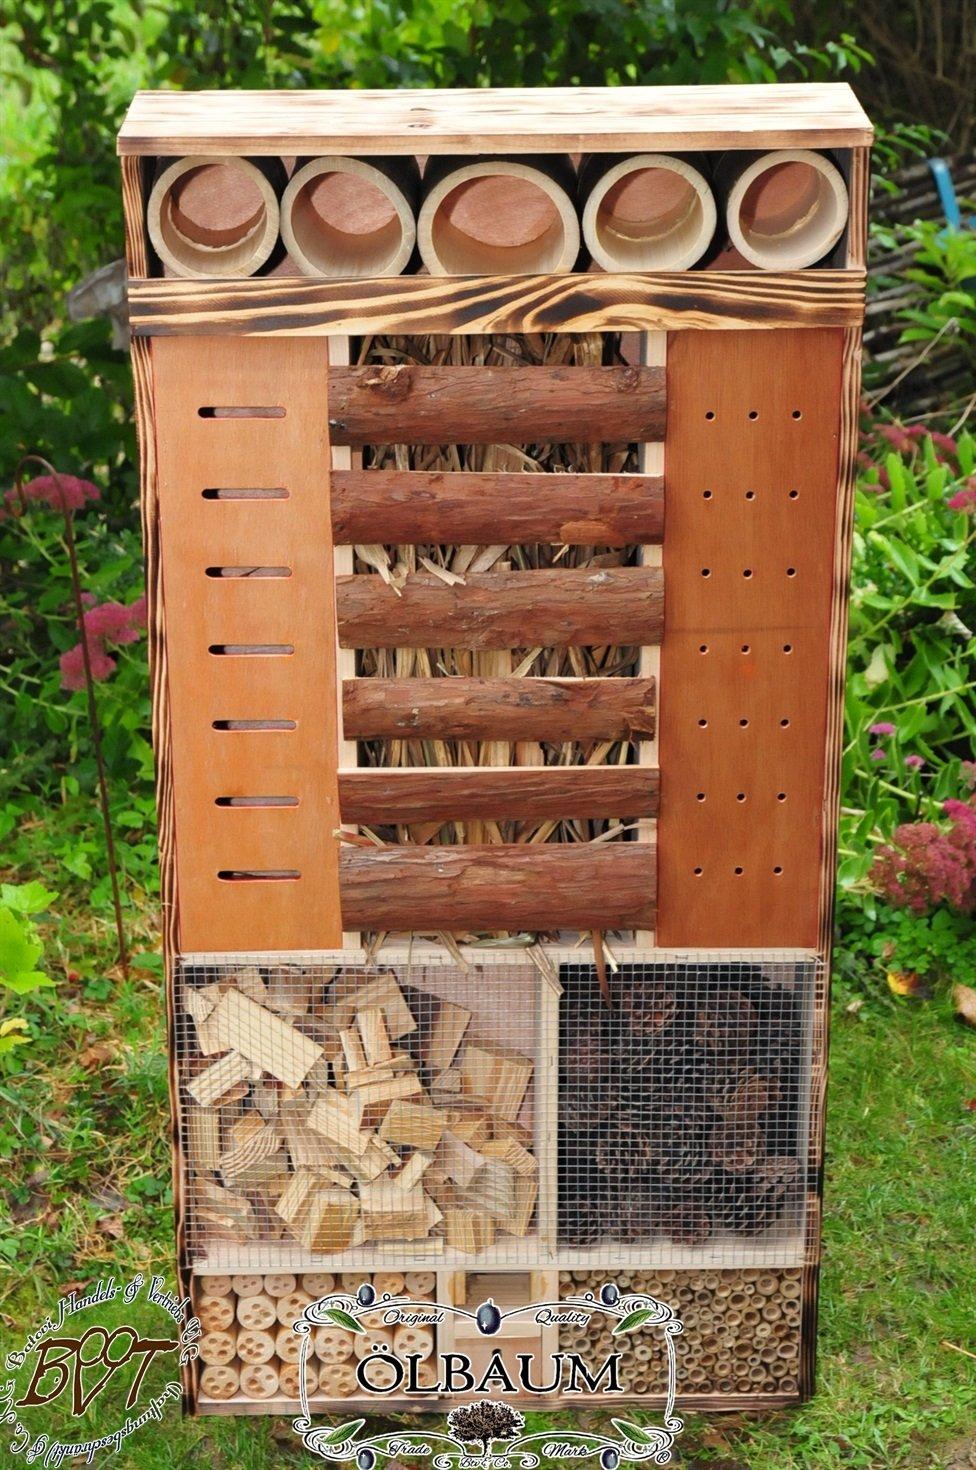 Insektenhotel, XXL, FRONT DUNKEL-BRAUN,wetterfest IN GEFLAMMT NATUR,INXXL-VDU-BEL-gefla002 robust,stabil,wetterfest,Insektenhotel Insektenhaus, Schmetterlingshaus Nistkasten, Insektenhotel,futterhaus für Insekten & Vögel,WINTERFEST,Schmetterlingshaus-Station Farbe geflammt gebrannt (schwarz/natur)